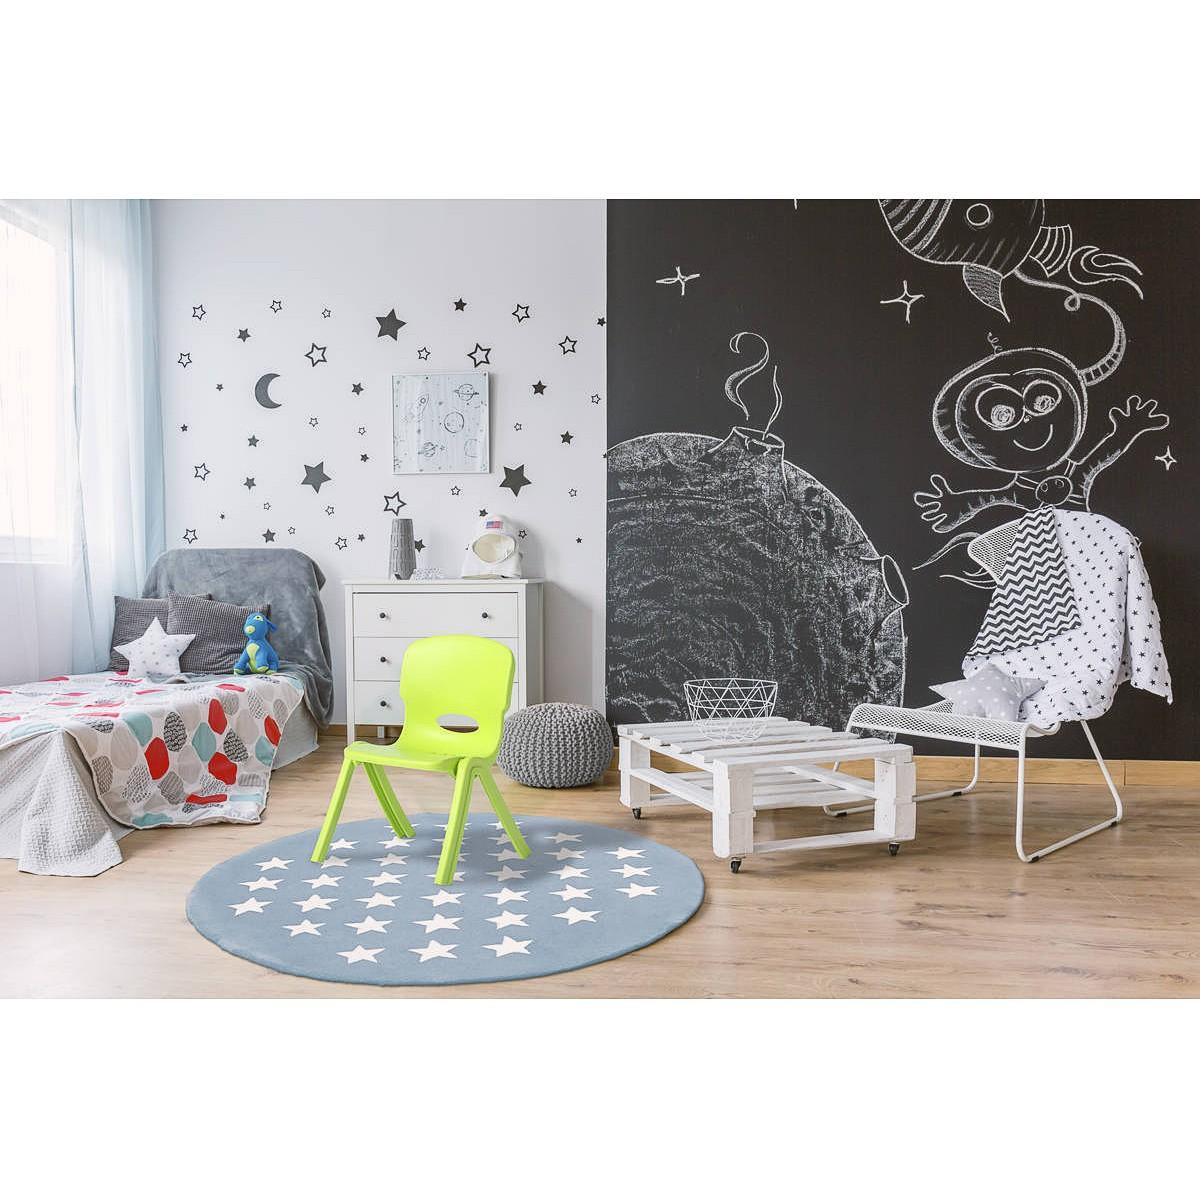 home24 Kinderstuhl Nina Mini   Kinderzimmer > Kinderzimmerstühle   Kayoom